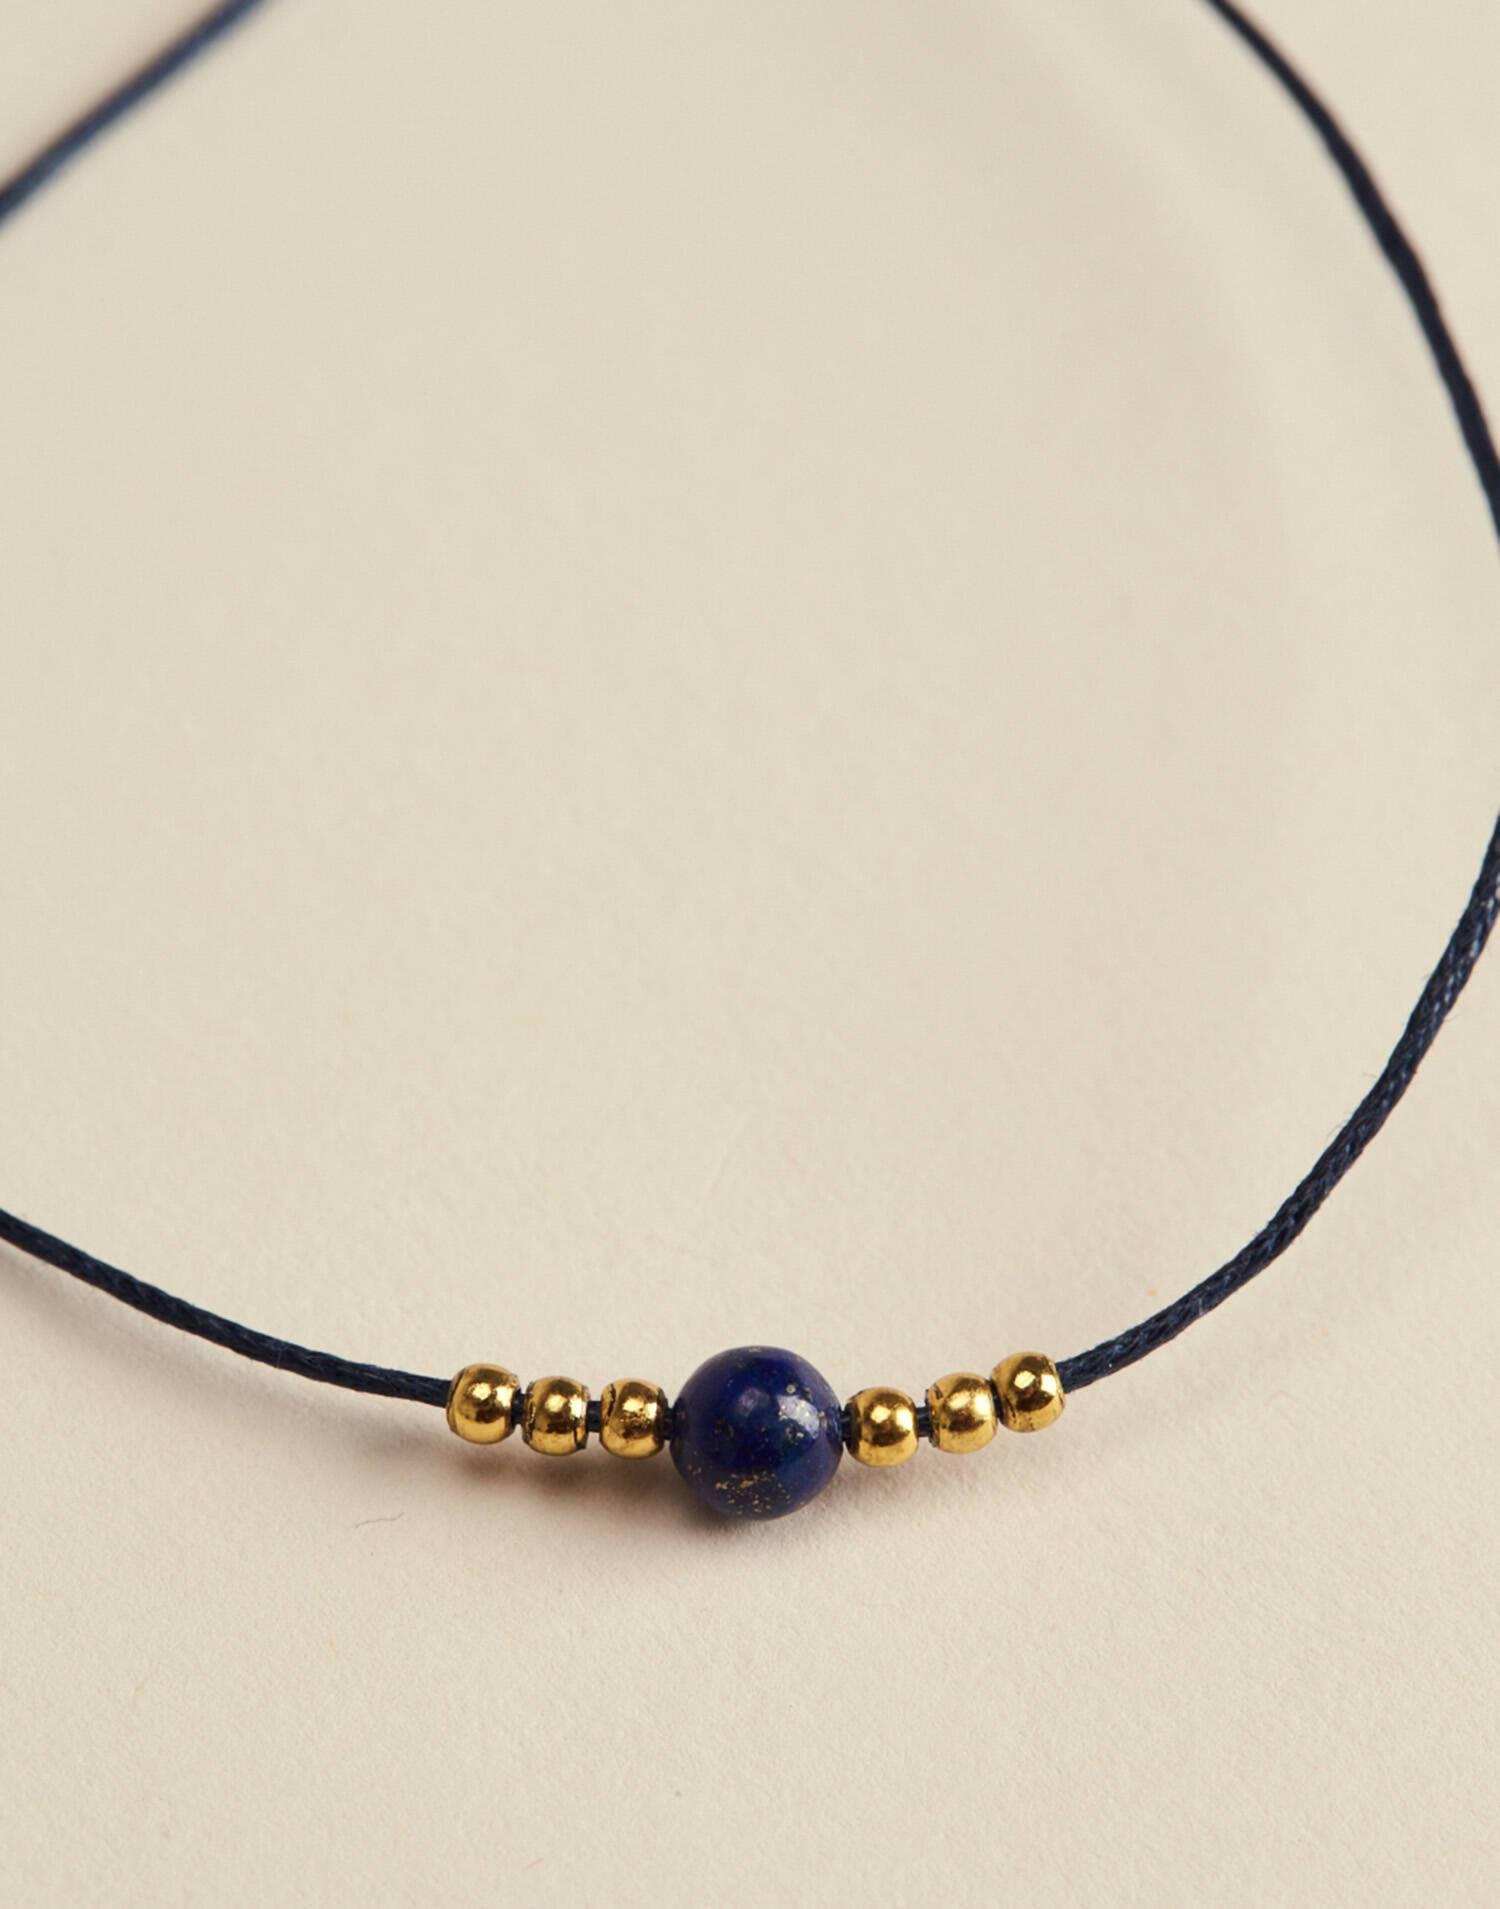 Power stone bracelet